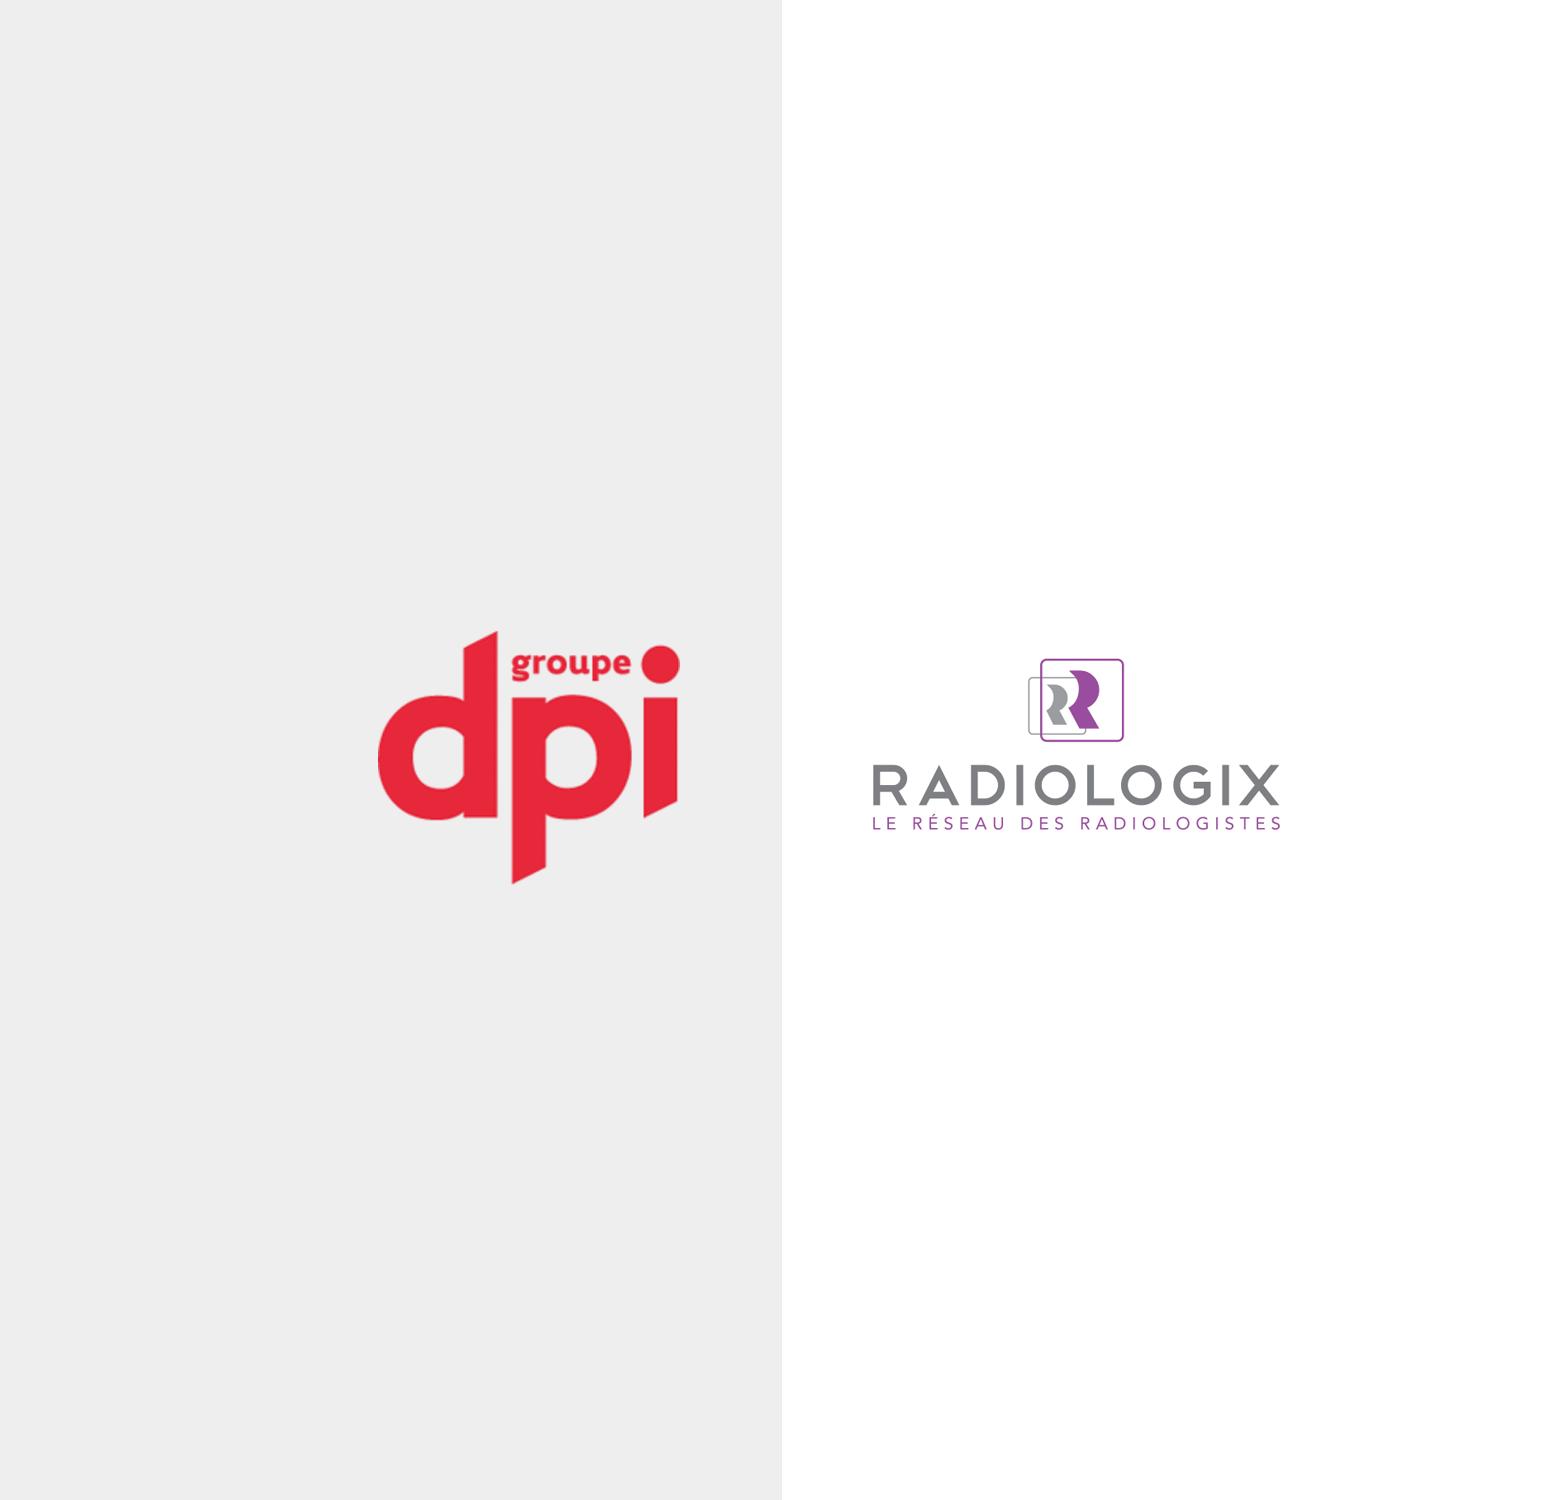 Logos Groupe DPI et RadiologiX